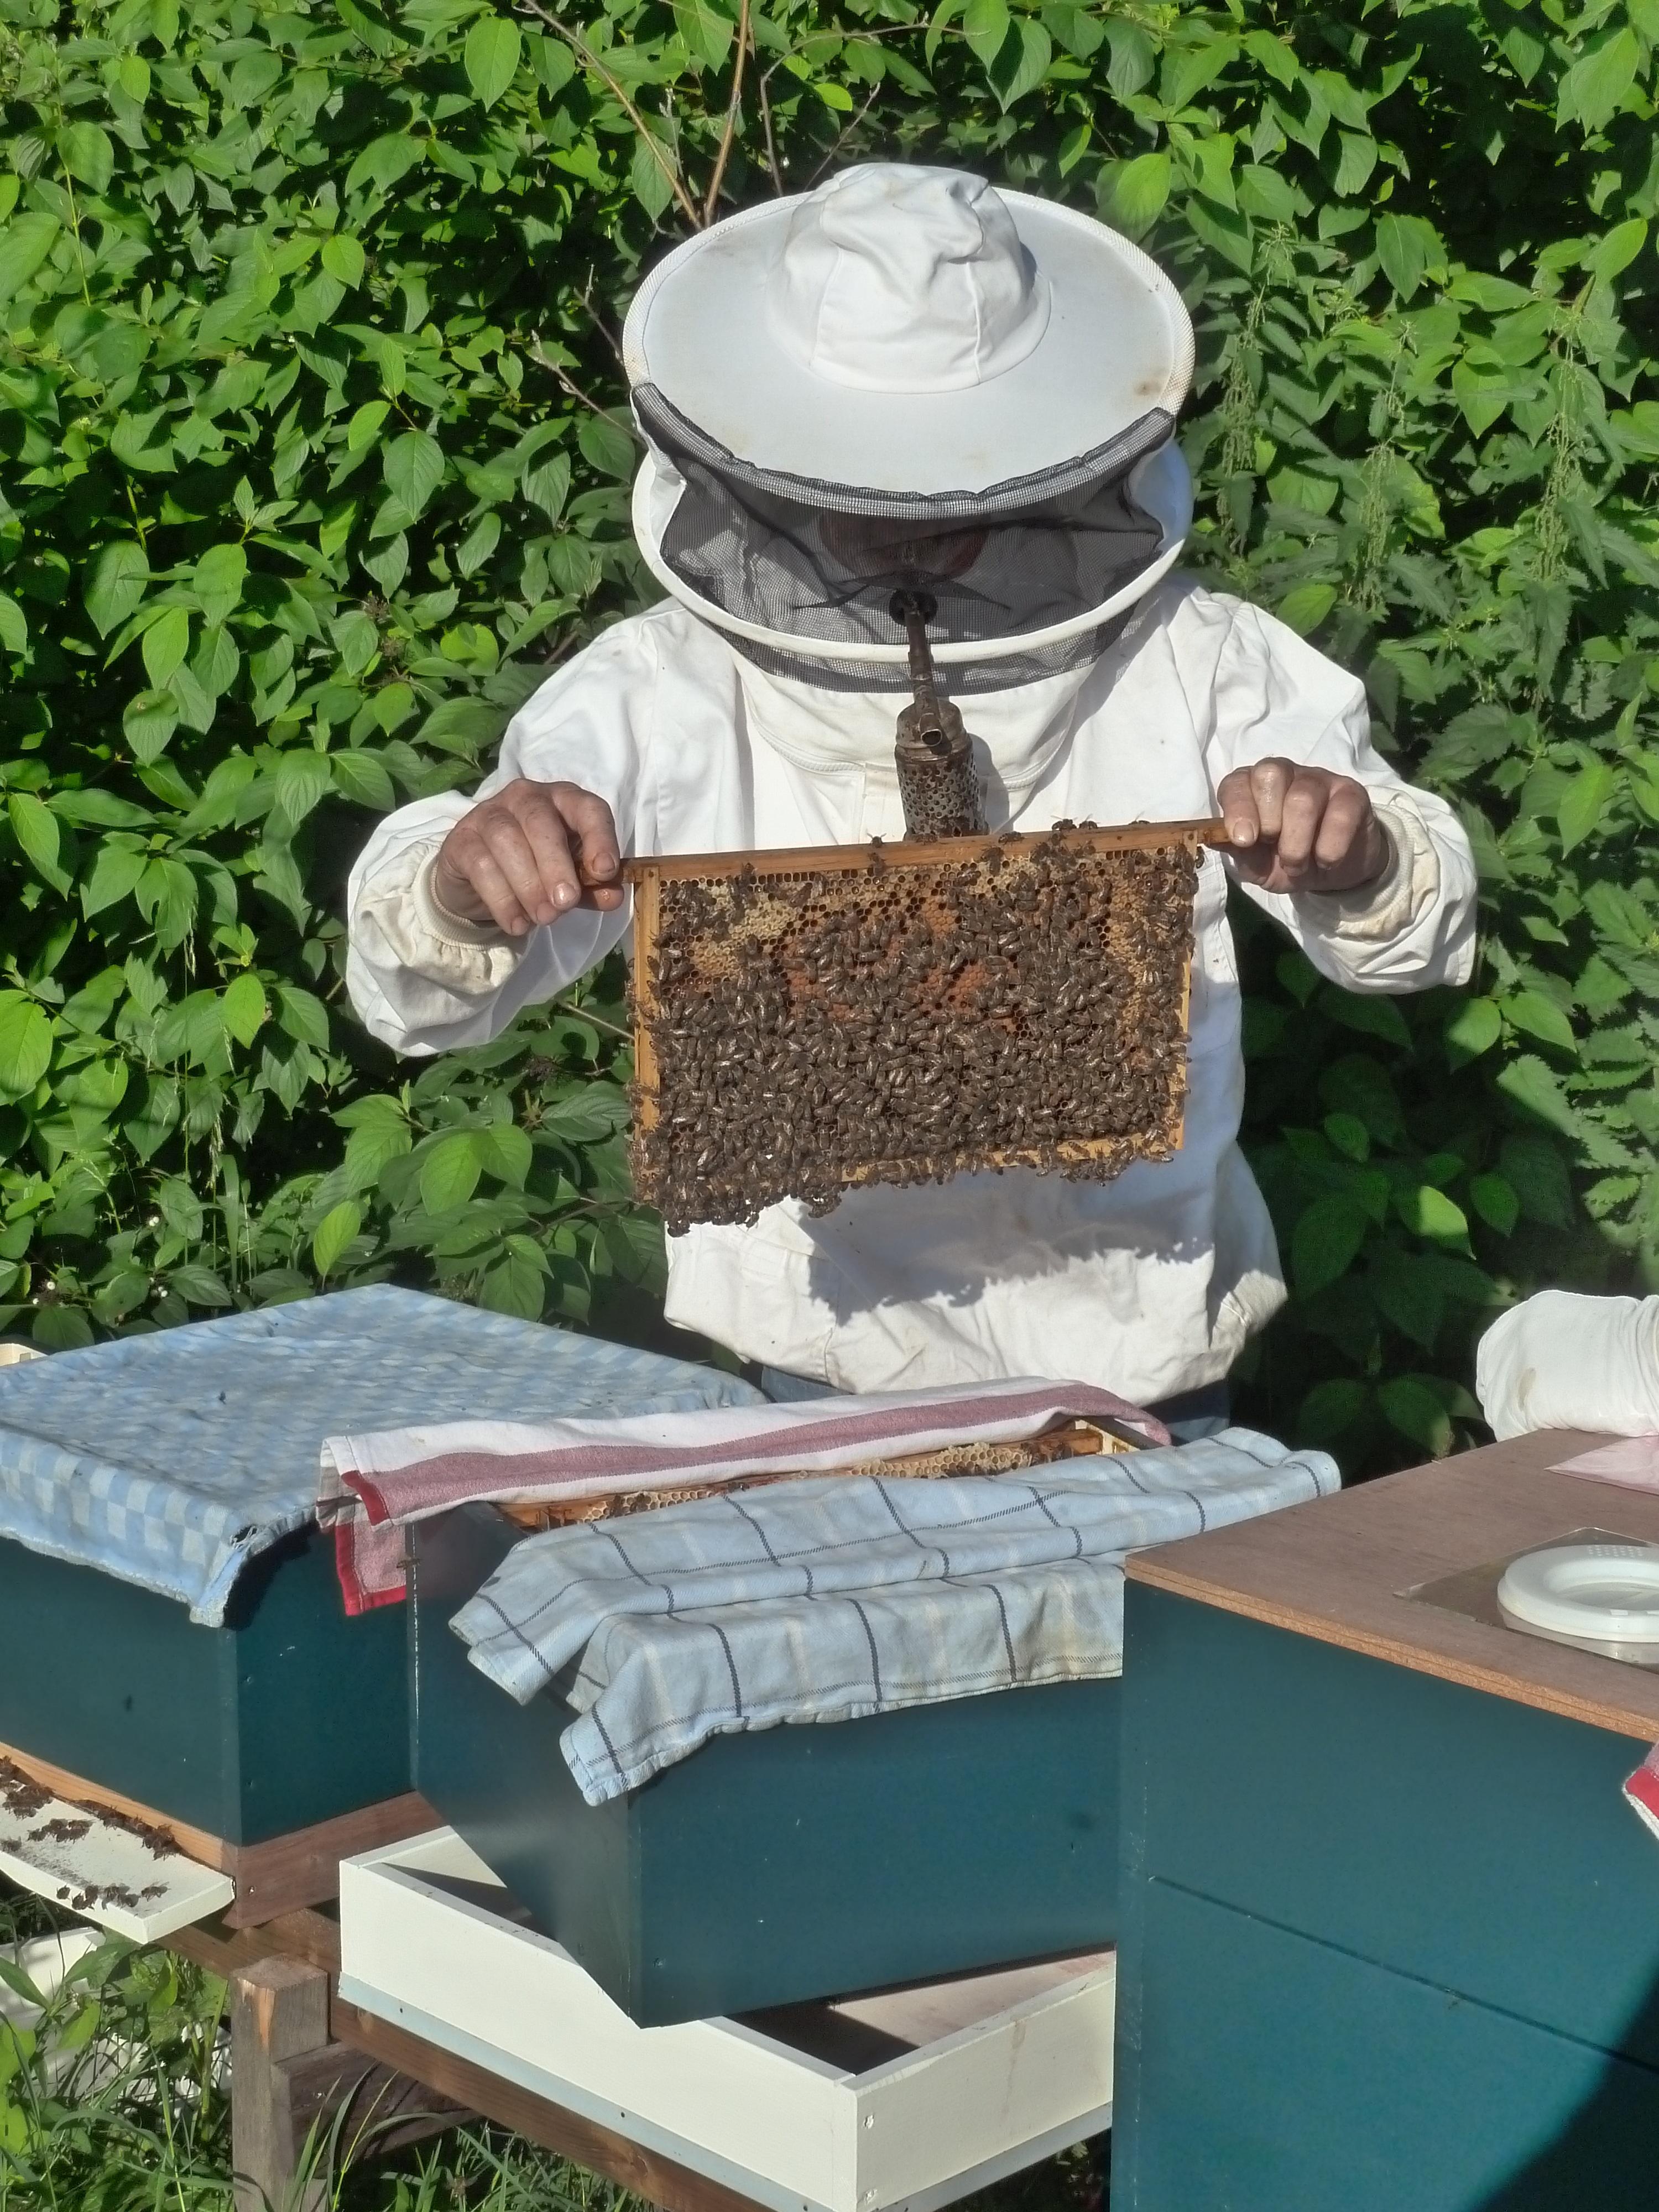 пчеловод улей пчелы картинки